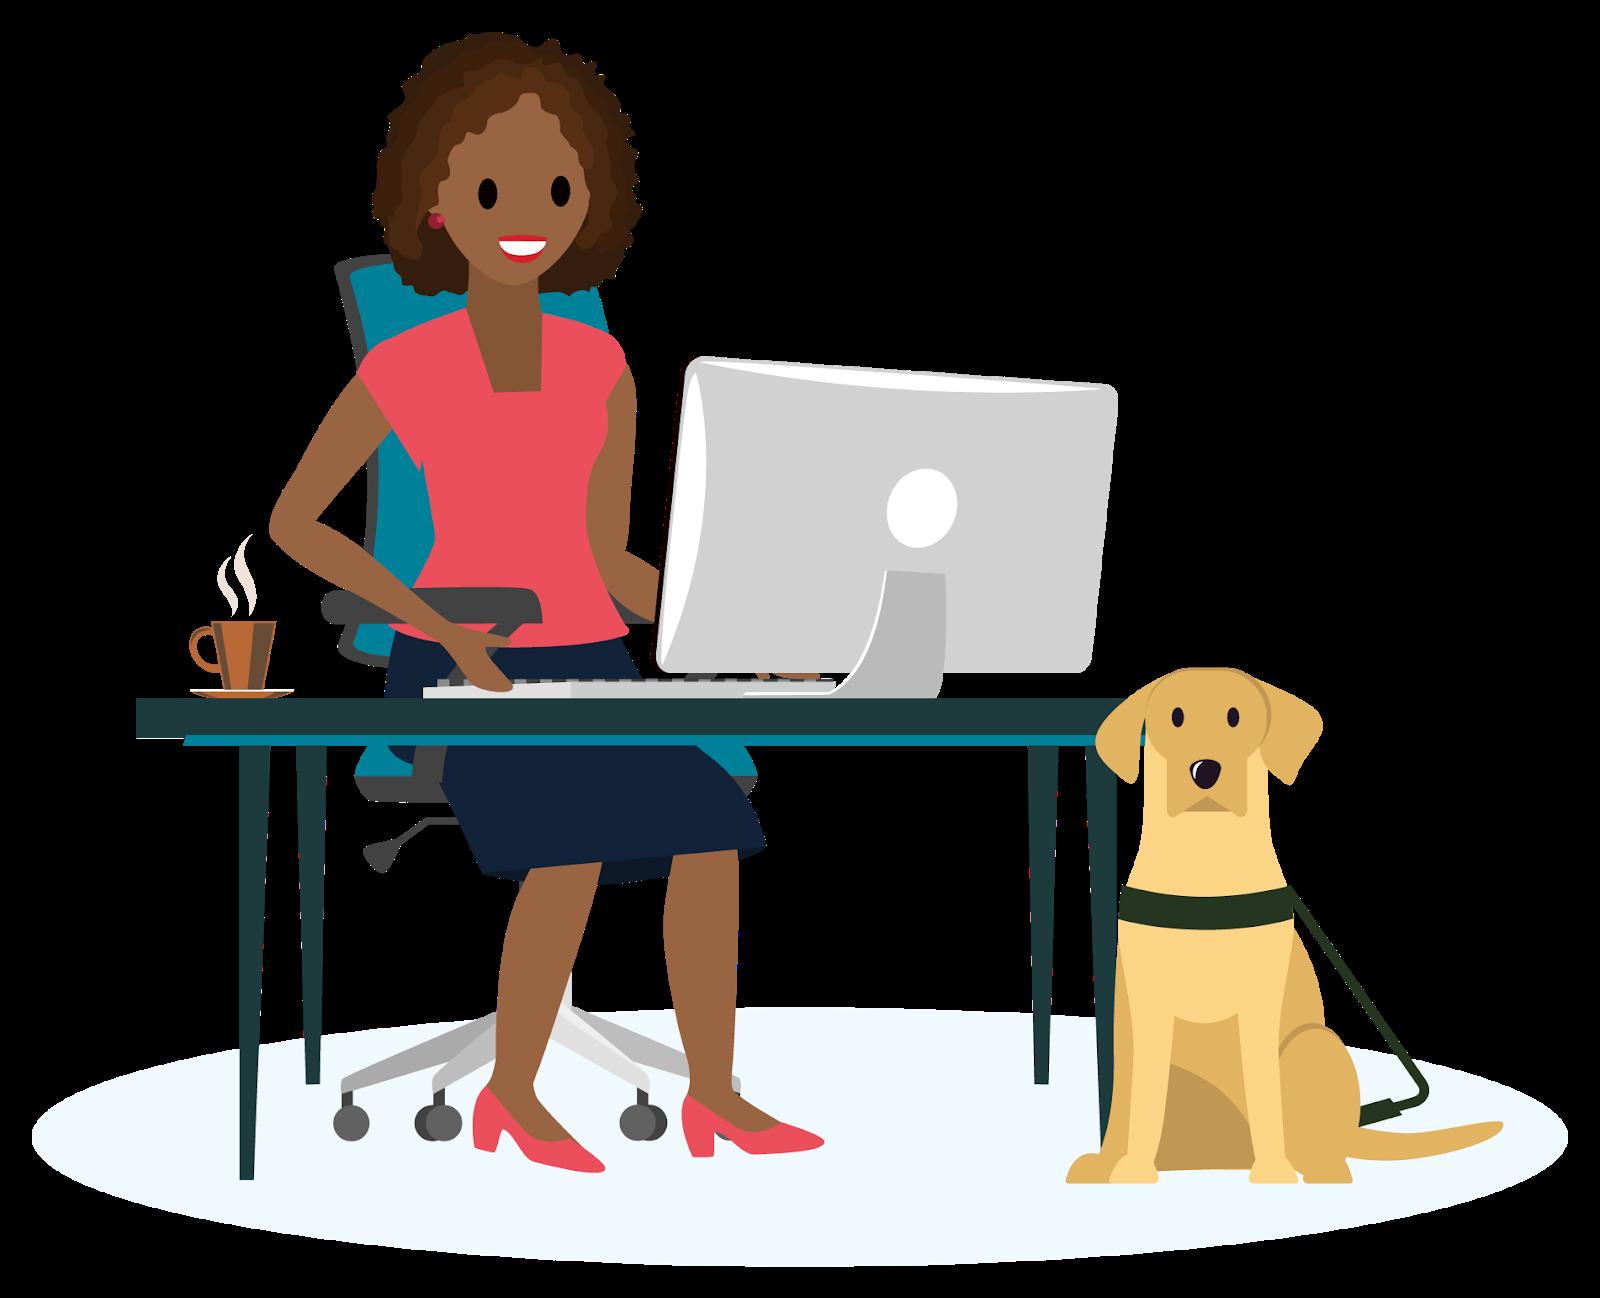 Mulher sentada em uma mesa, digitando em um teclado com um cachorro-guia labrador amarelo sentado ao lado seu lado.